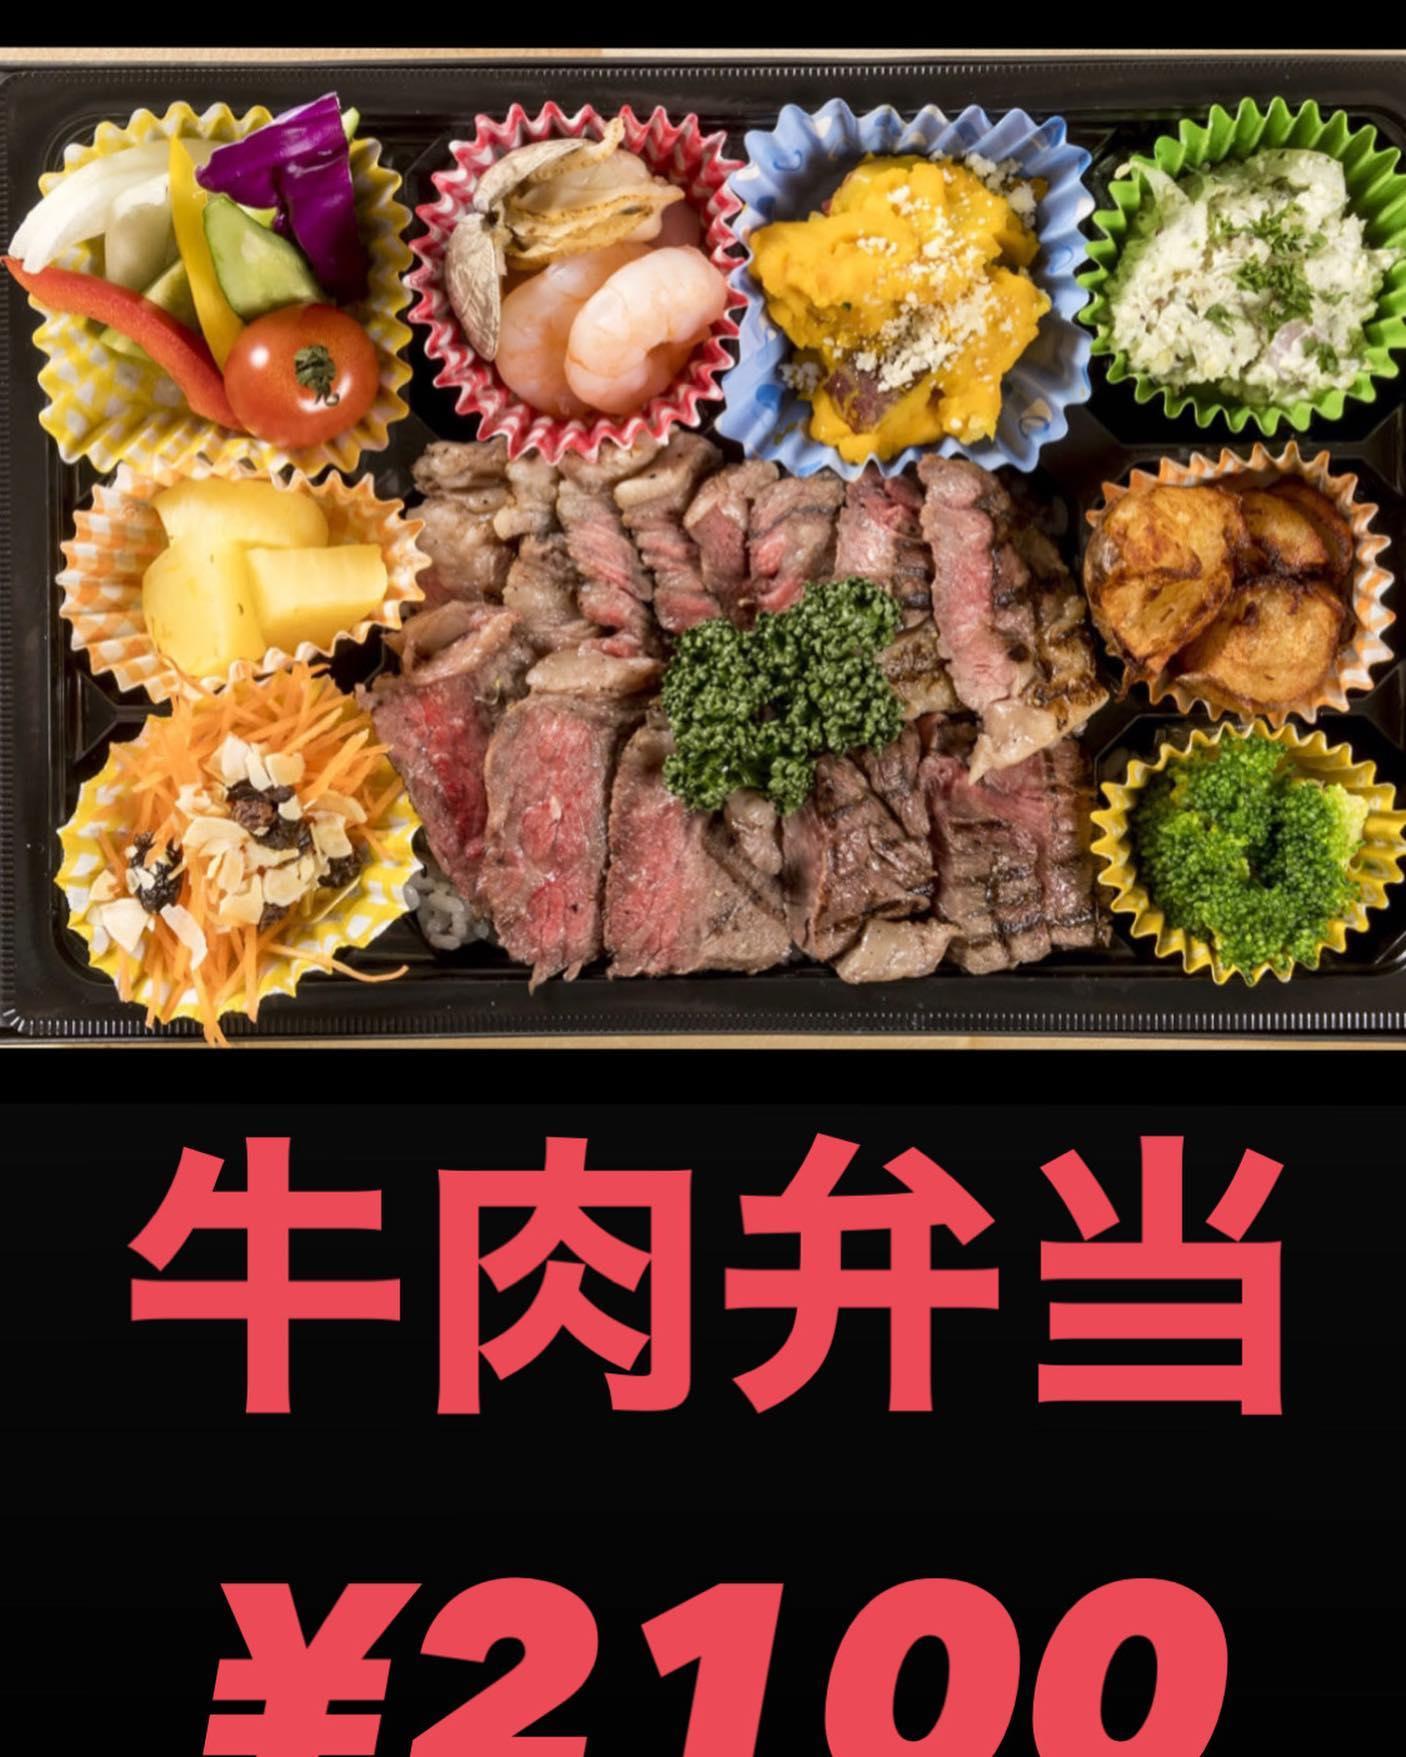 おはよございます 朝から牛肉弁当の注文ありがとうございます 8種類のお惣菜が楽しめてとてもバランスが良いお弁当で人気です∩^ω^∩ 電話注文でも大丈夫ですのでよかったらどうですか? 今日も一日宜しくお願い致します🤲 なっぱ畑でした)^o^(